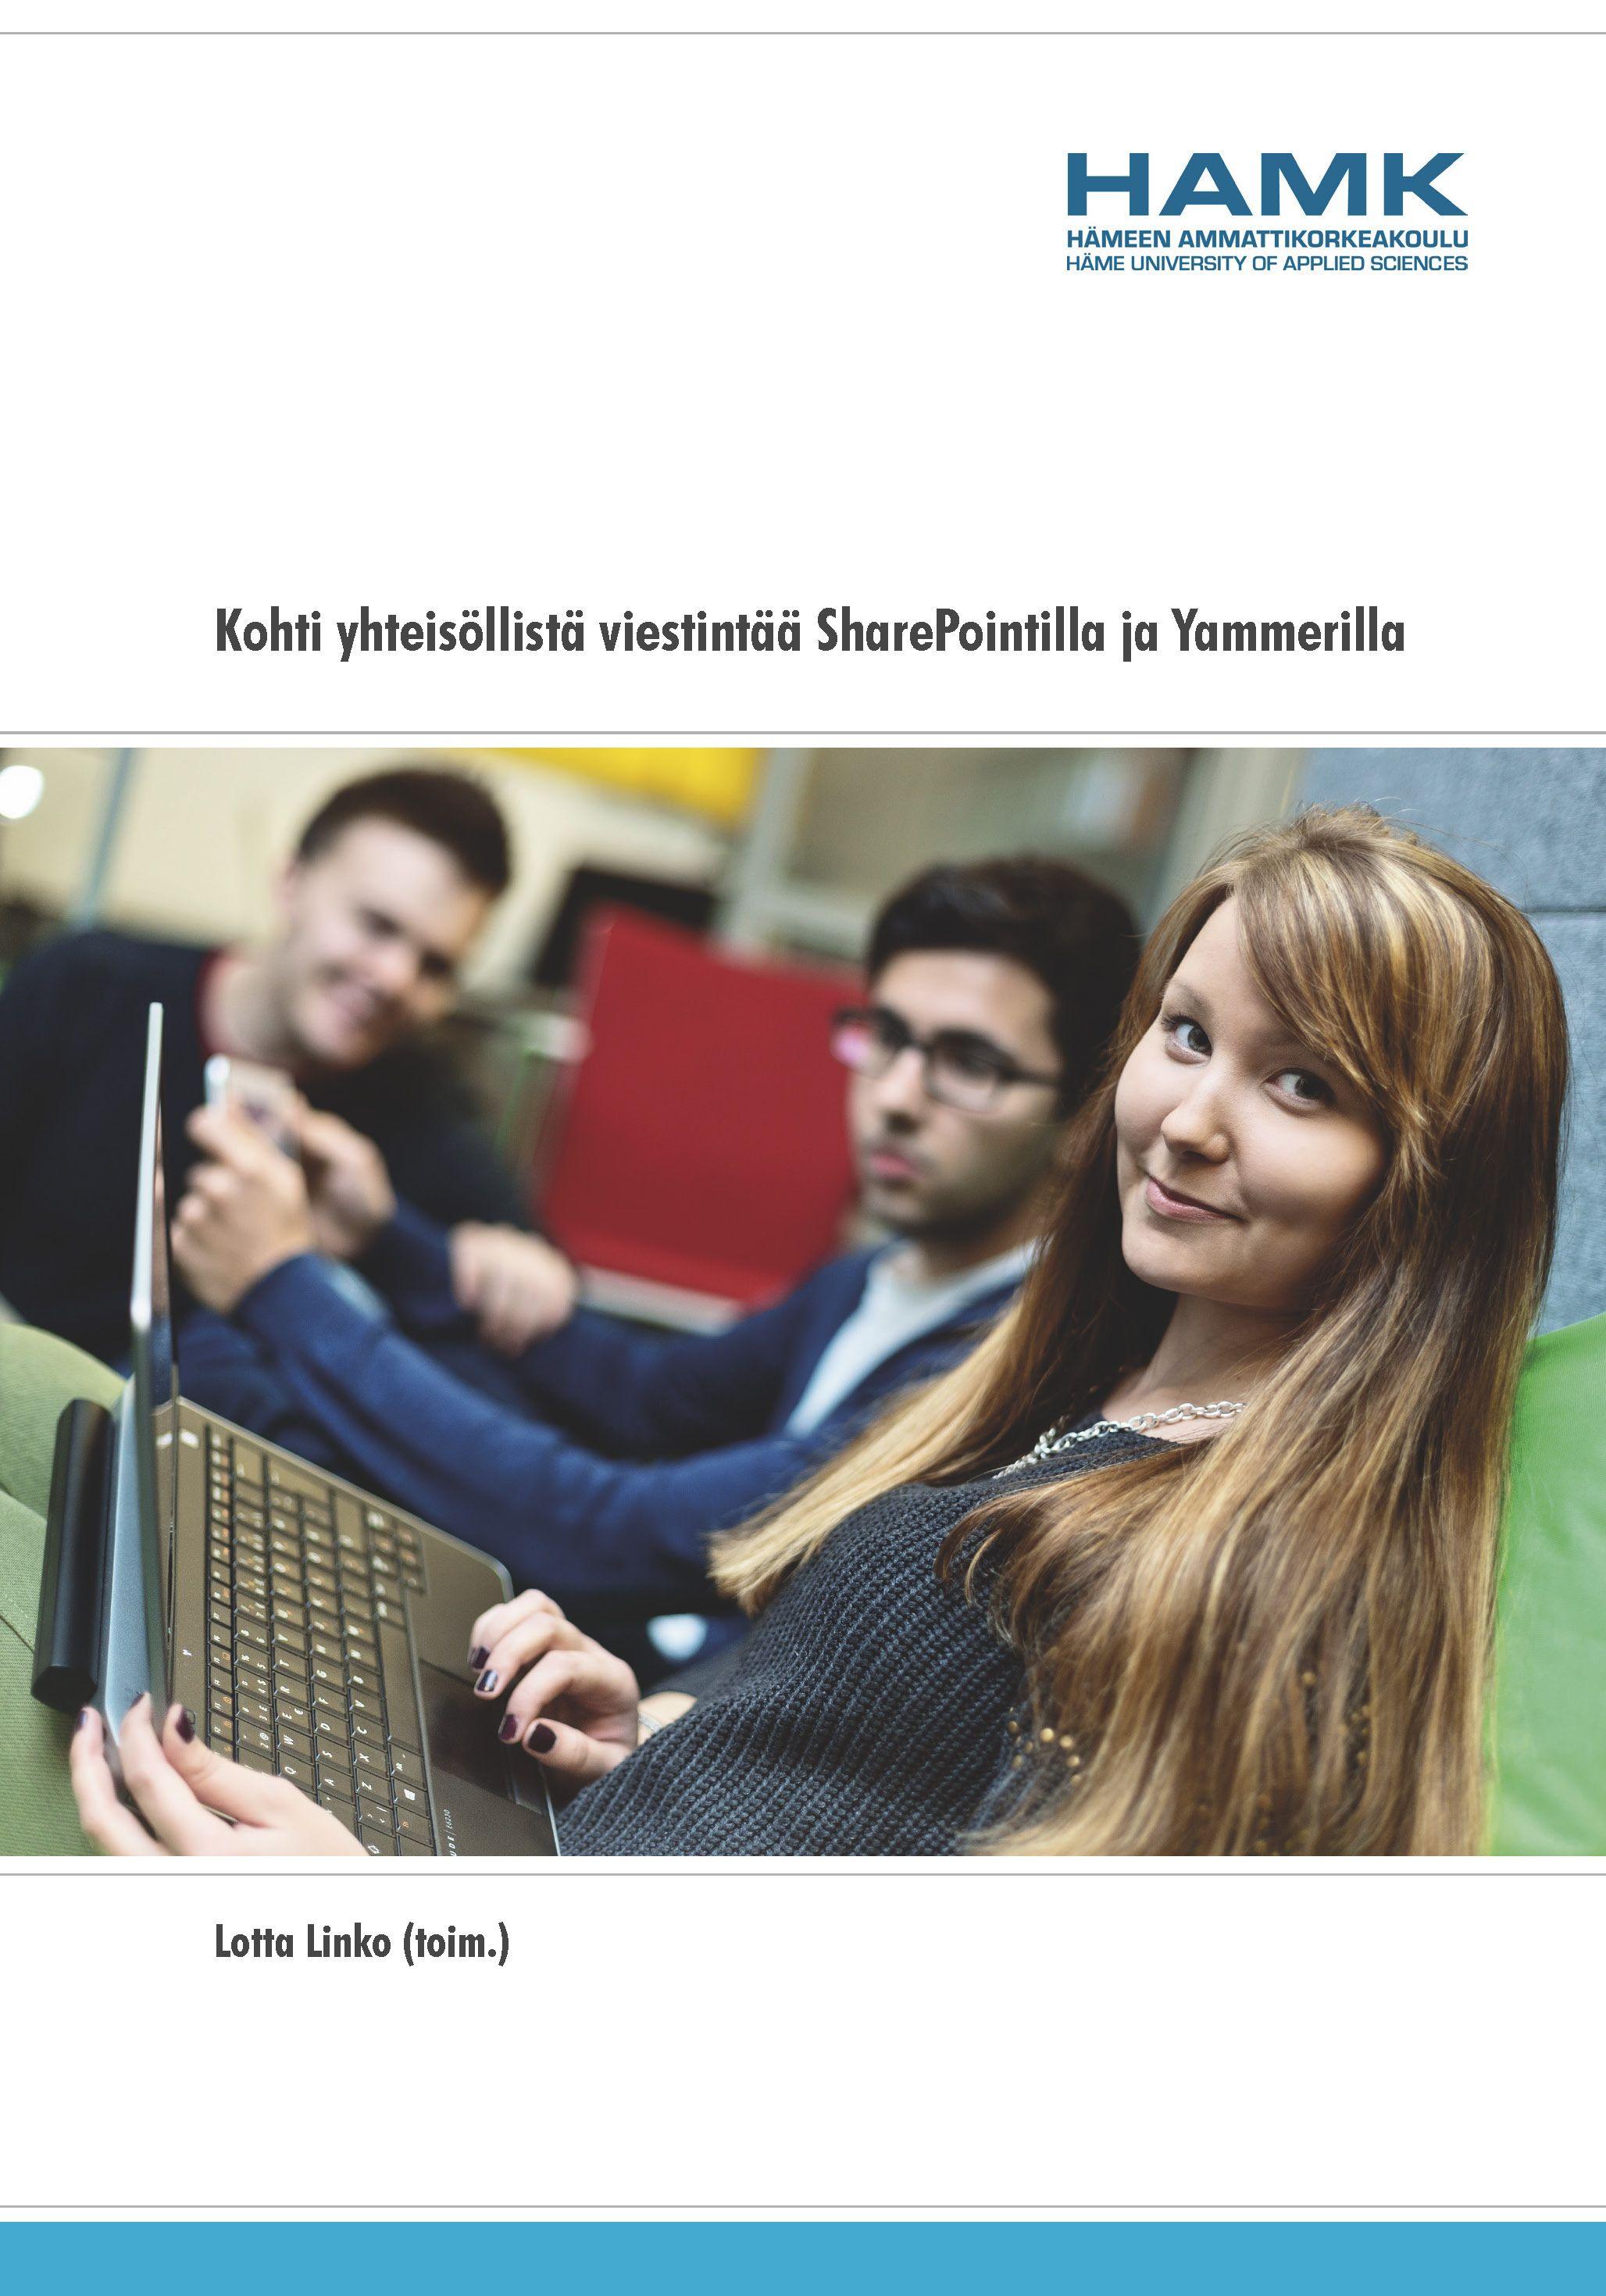 Linko (toim.): Kohti yhteisöllistä viestintää SharePointilla ja Yammerilla. 2015. Download free eBook at www.hamk.fi/julkaisut.